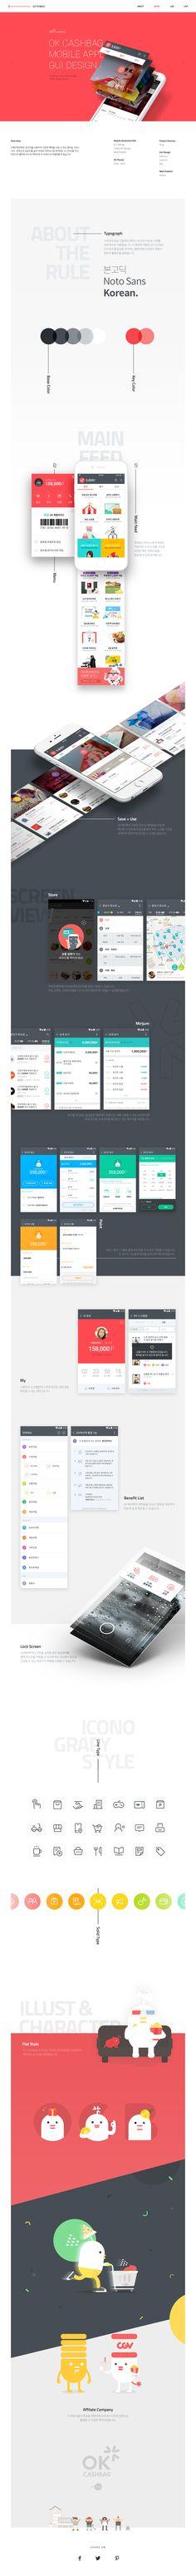 다음 @Behance 프로젝트 확인: \u201cSKP OK Cashbag Mobile APP Design.\u201d https://www.behance.net/gallery/49773495/SKP-OK-Cashbag-Mobile-APP-Design